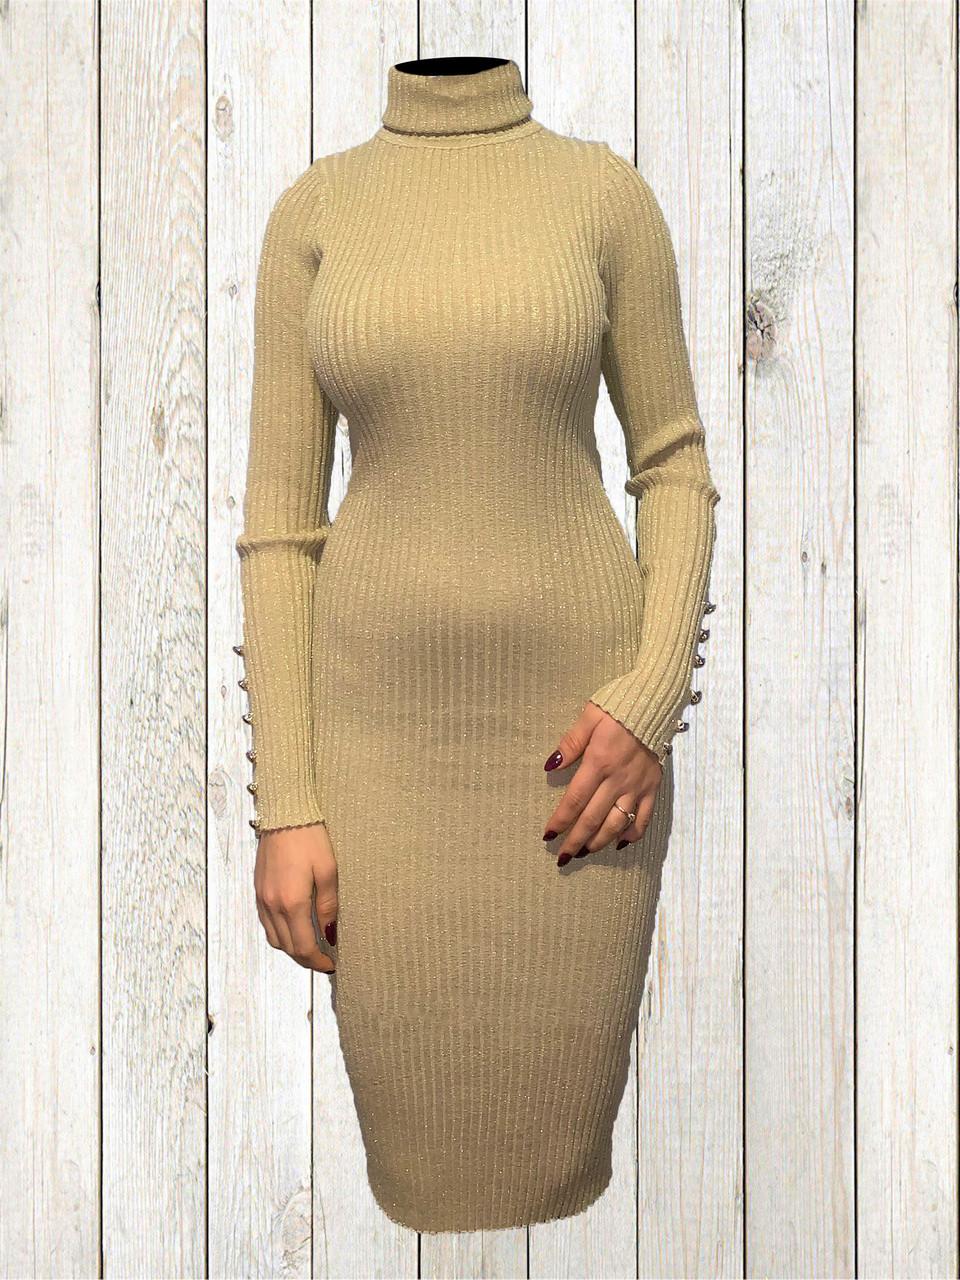 Женское платье-туника Золотистого цвета